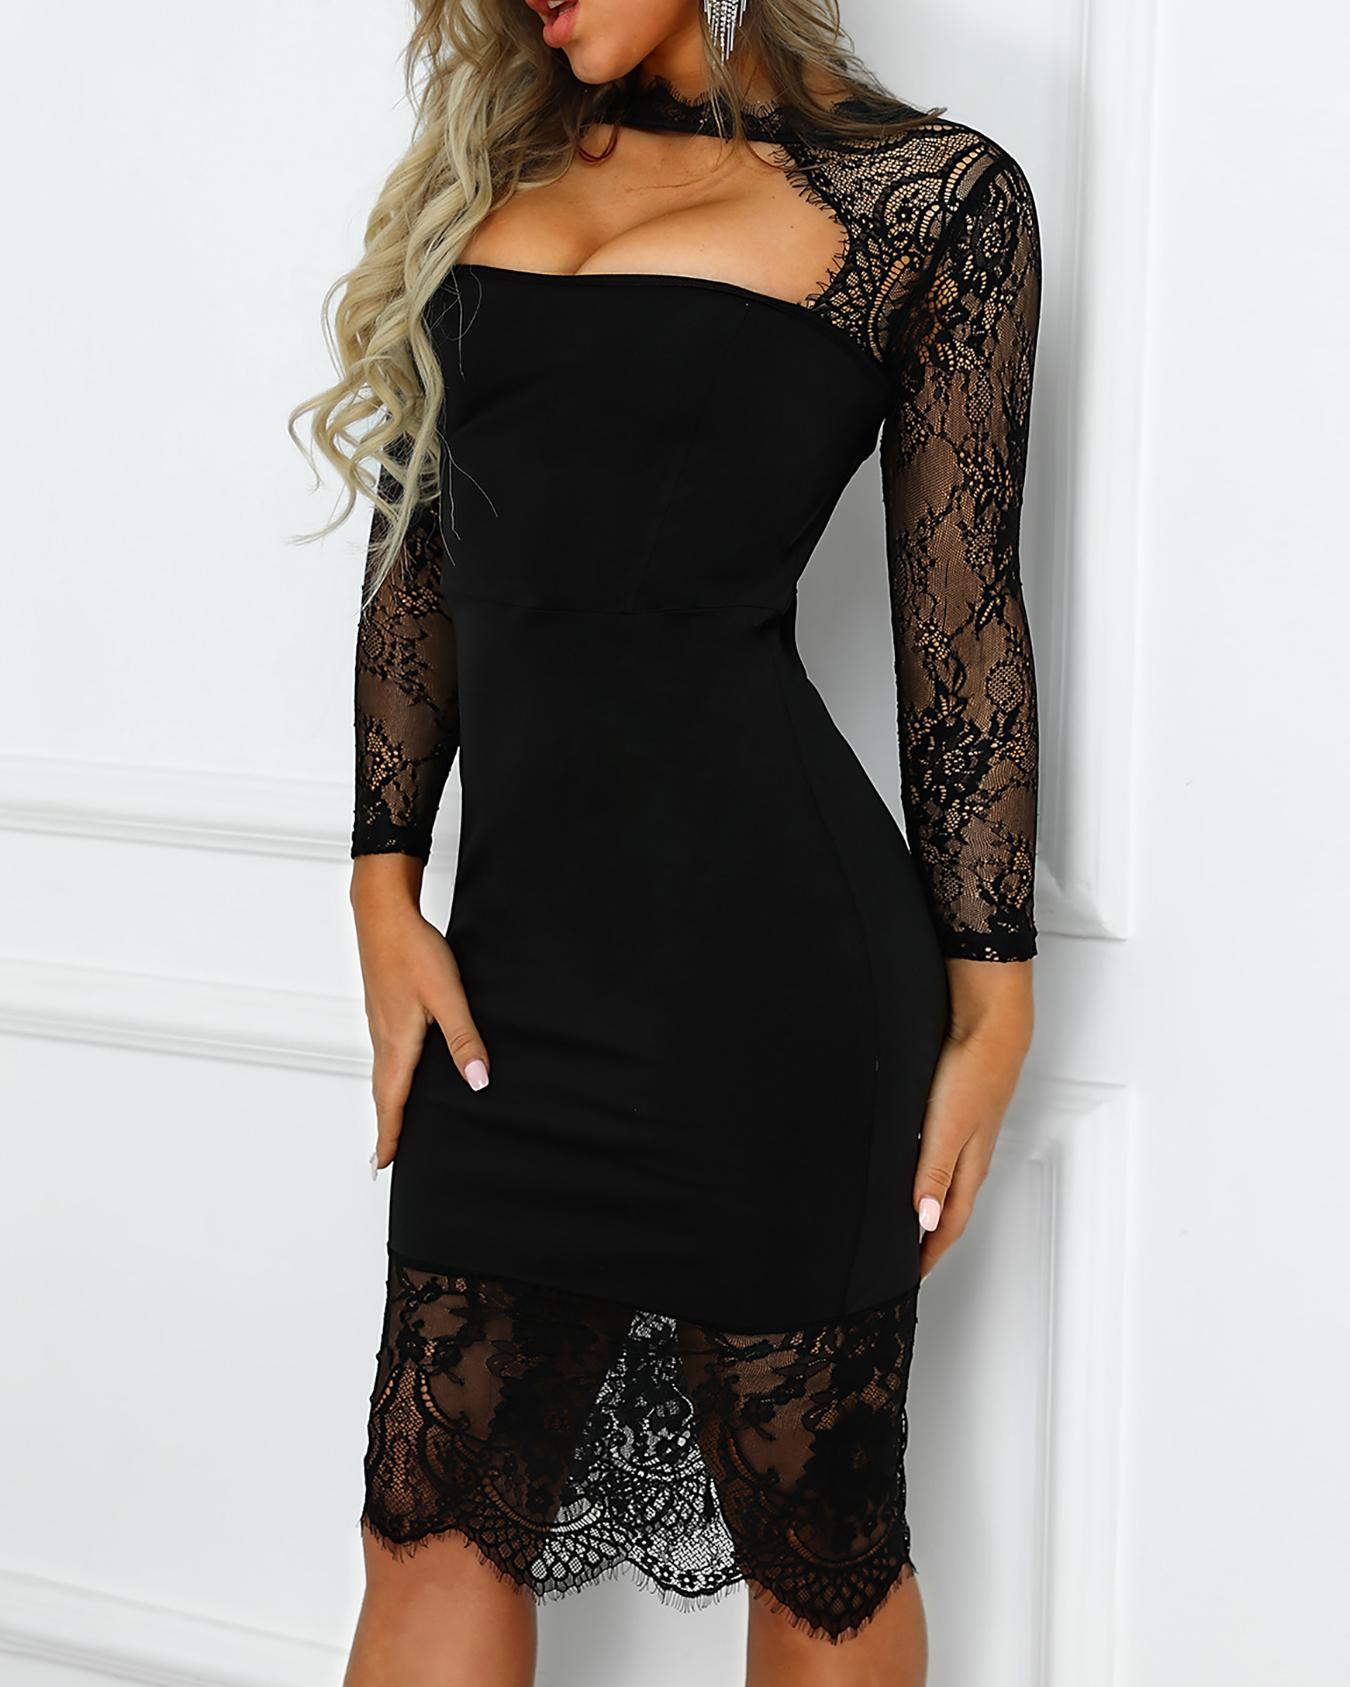 Eyelash Lace Cut Out Bodycon Dress